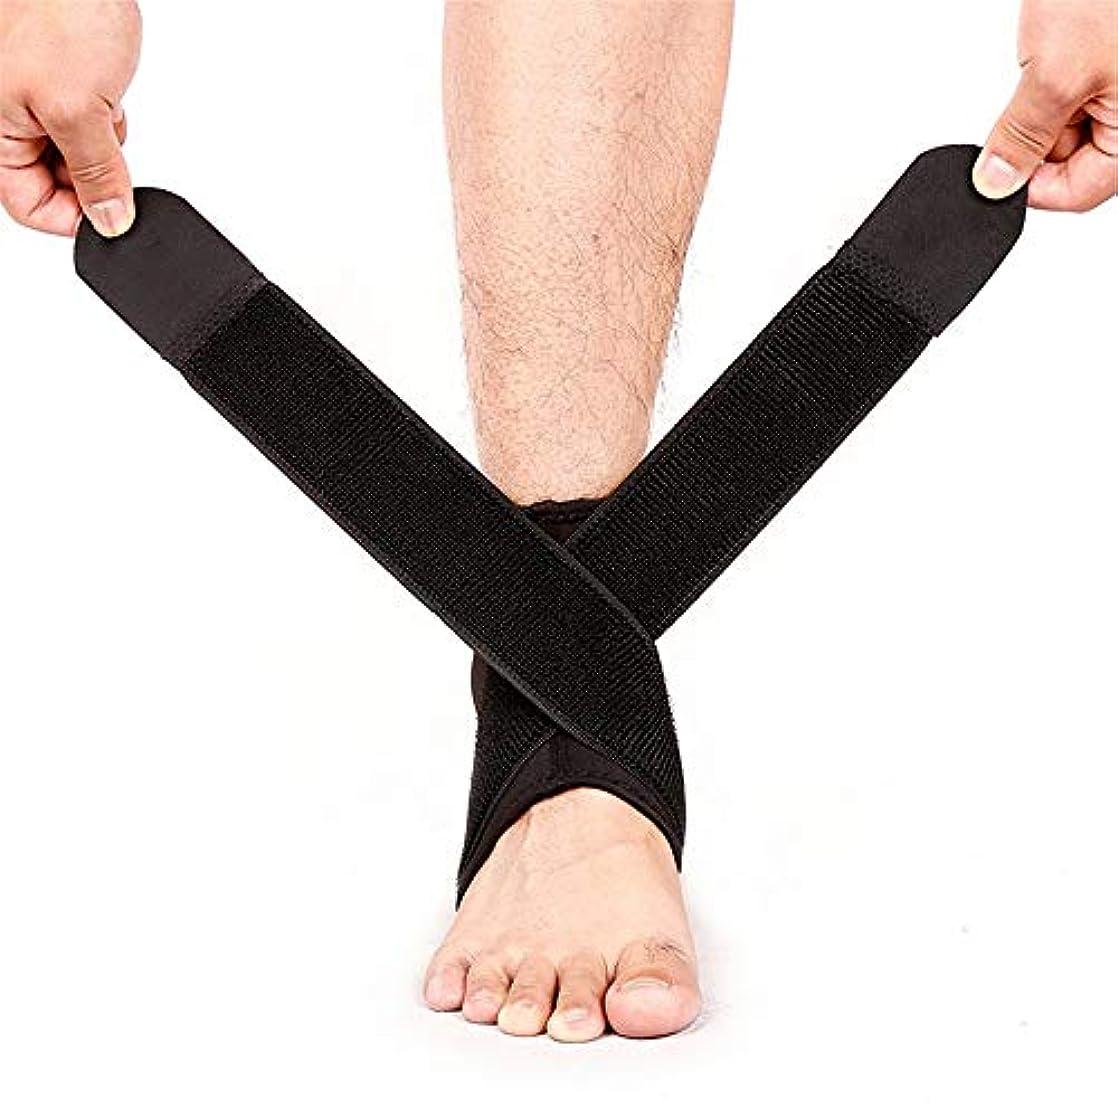 同僚国潮足首サポート、圧縮弾性高保護スポーツ調節可能な通気性安全足首ブレース足首関節